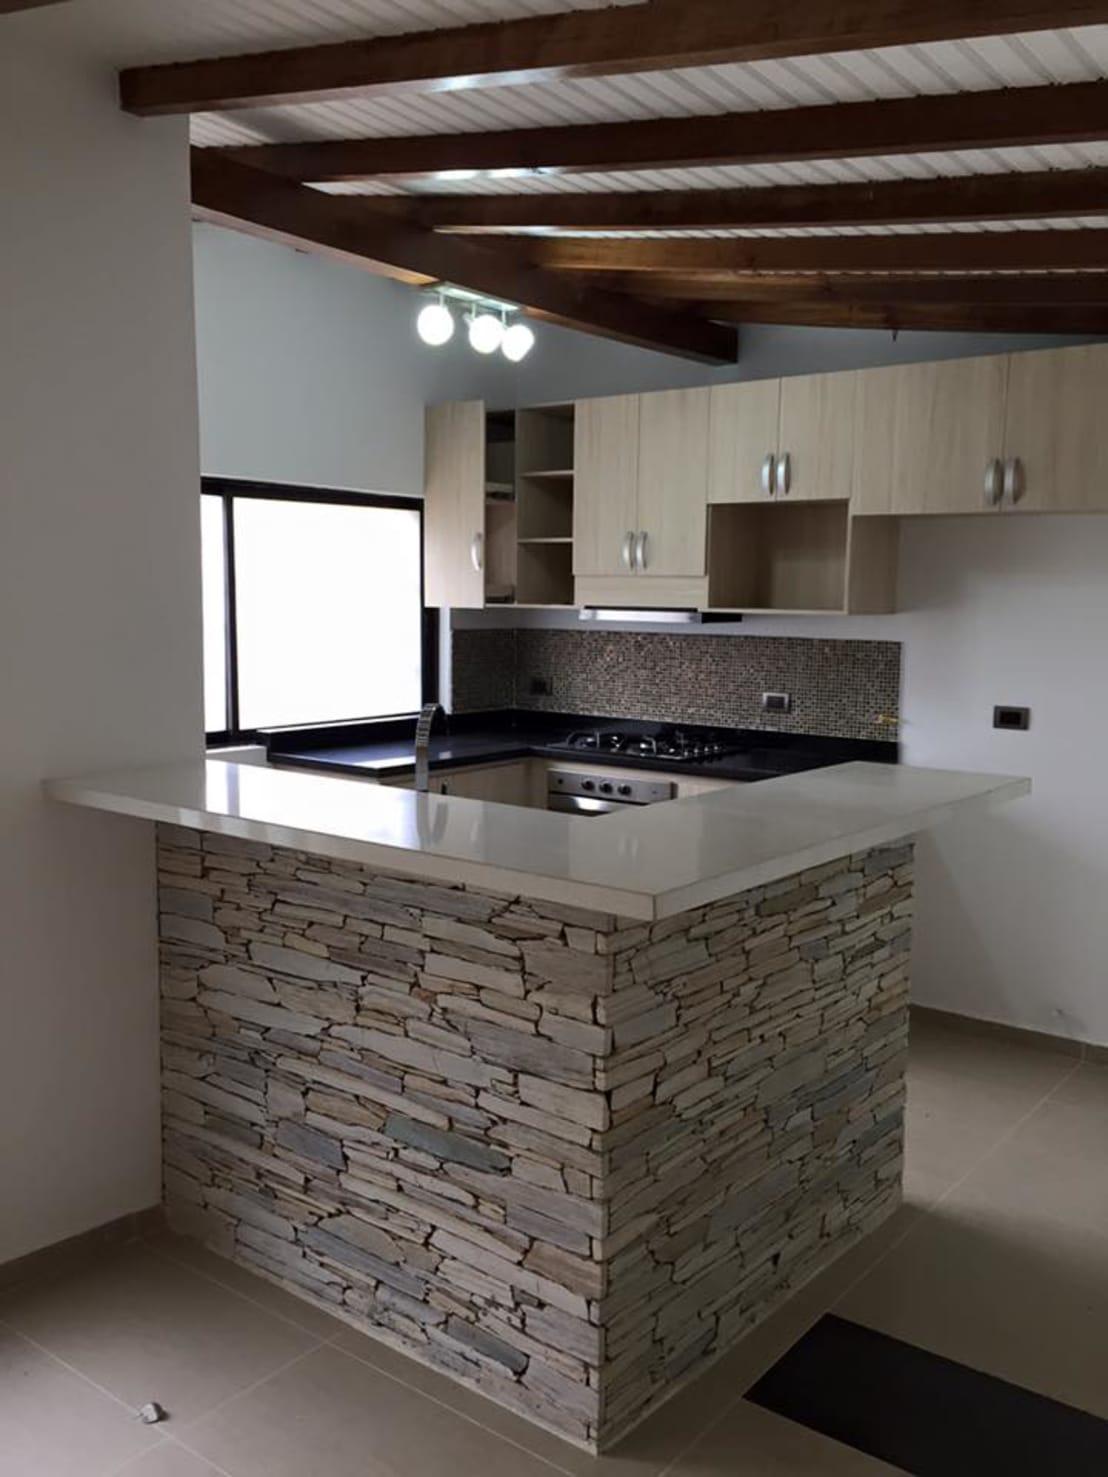 Disenos de barras de cocinas modernas 6 decoracion de - Disenos de cocinas modernas ...